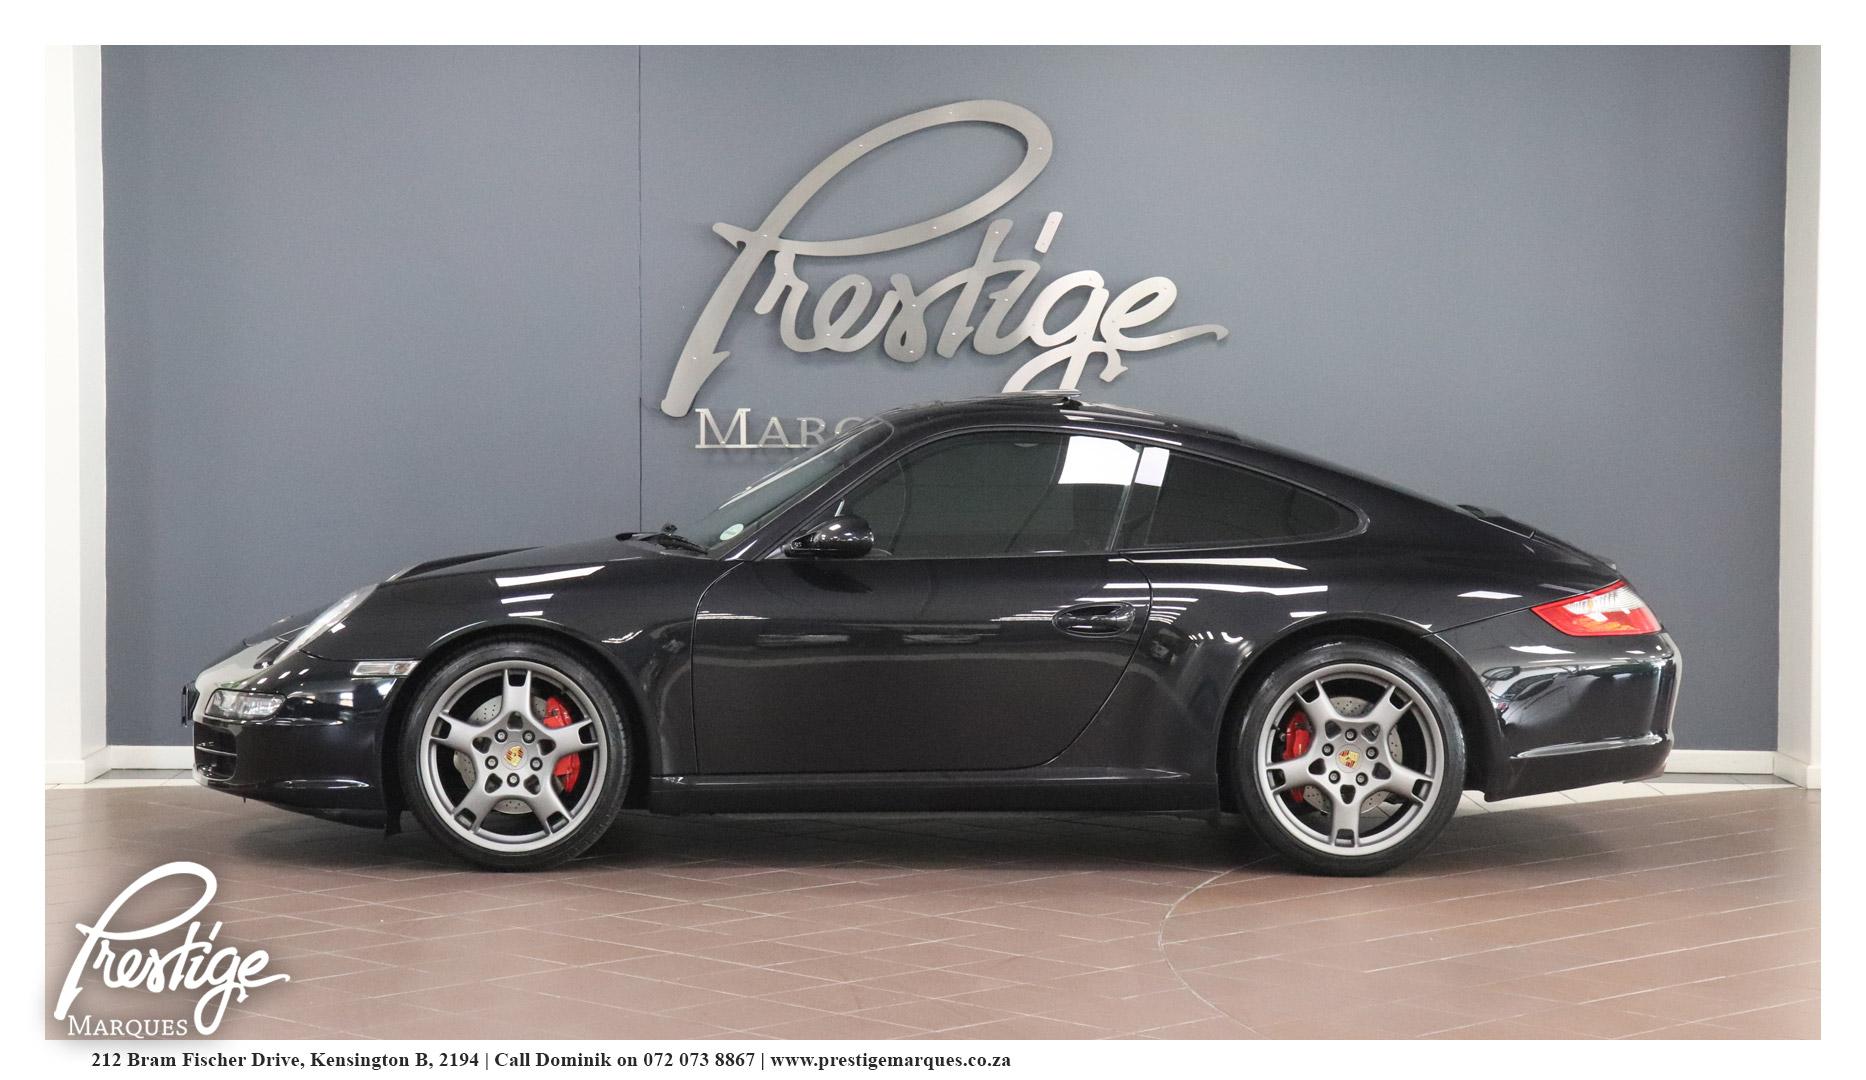 2006-Porsche-911-997-Carrera-S-Manual-Prestige-Marques-Randburg-Sandton-7